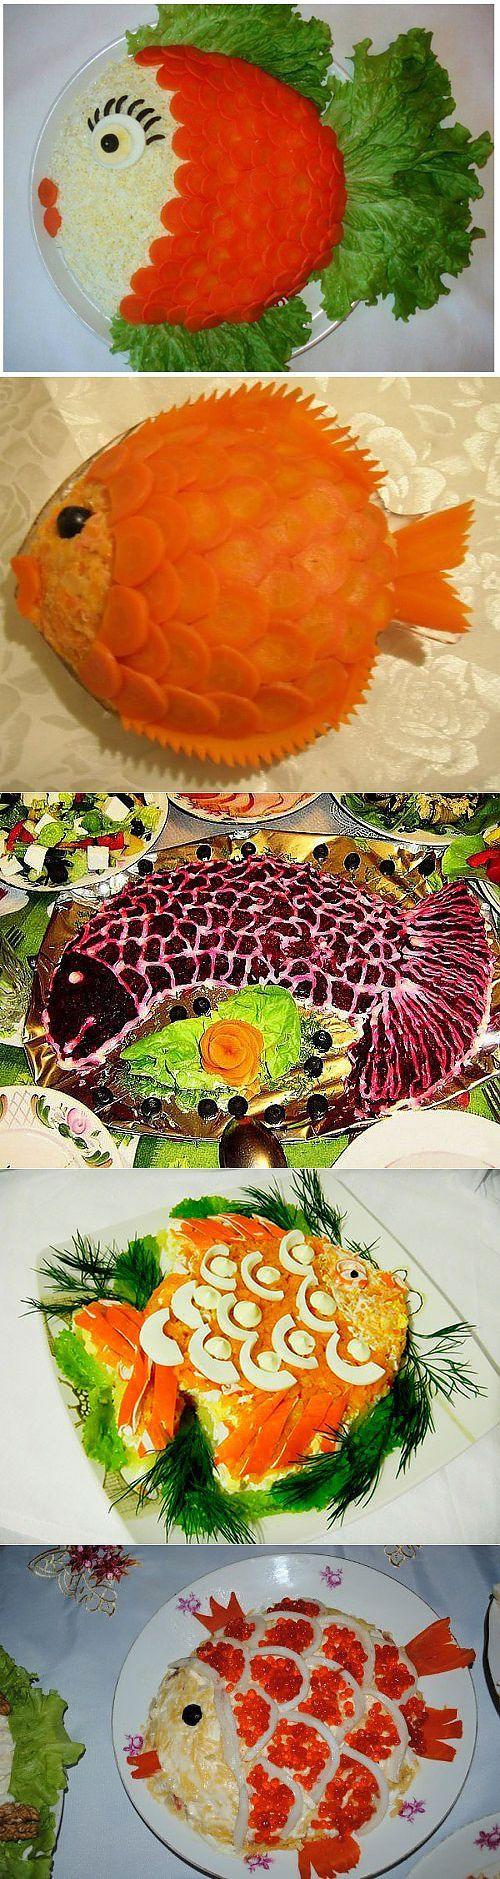 Mooie New Year's tafel: salades, vis / eenvoudige recepten